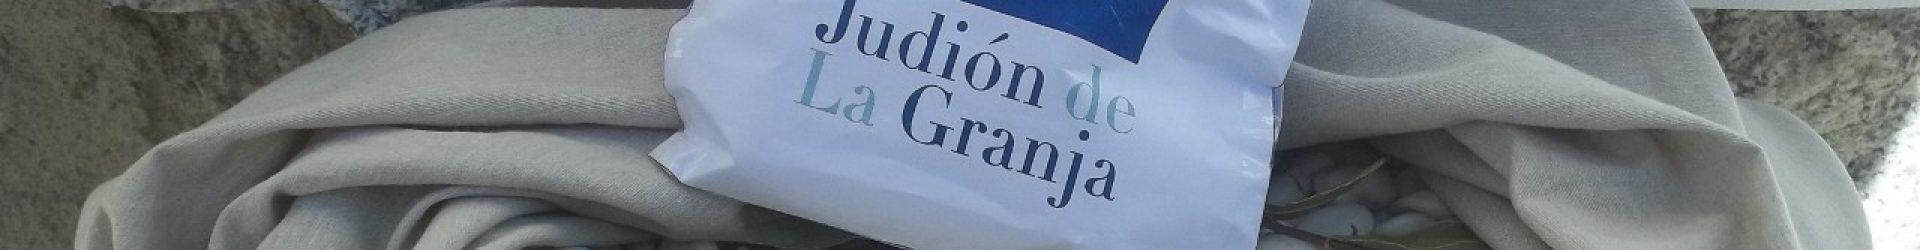 El Judión de La Granja